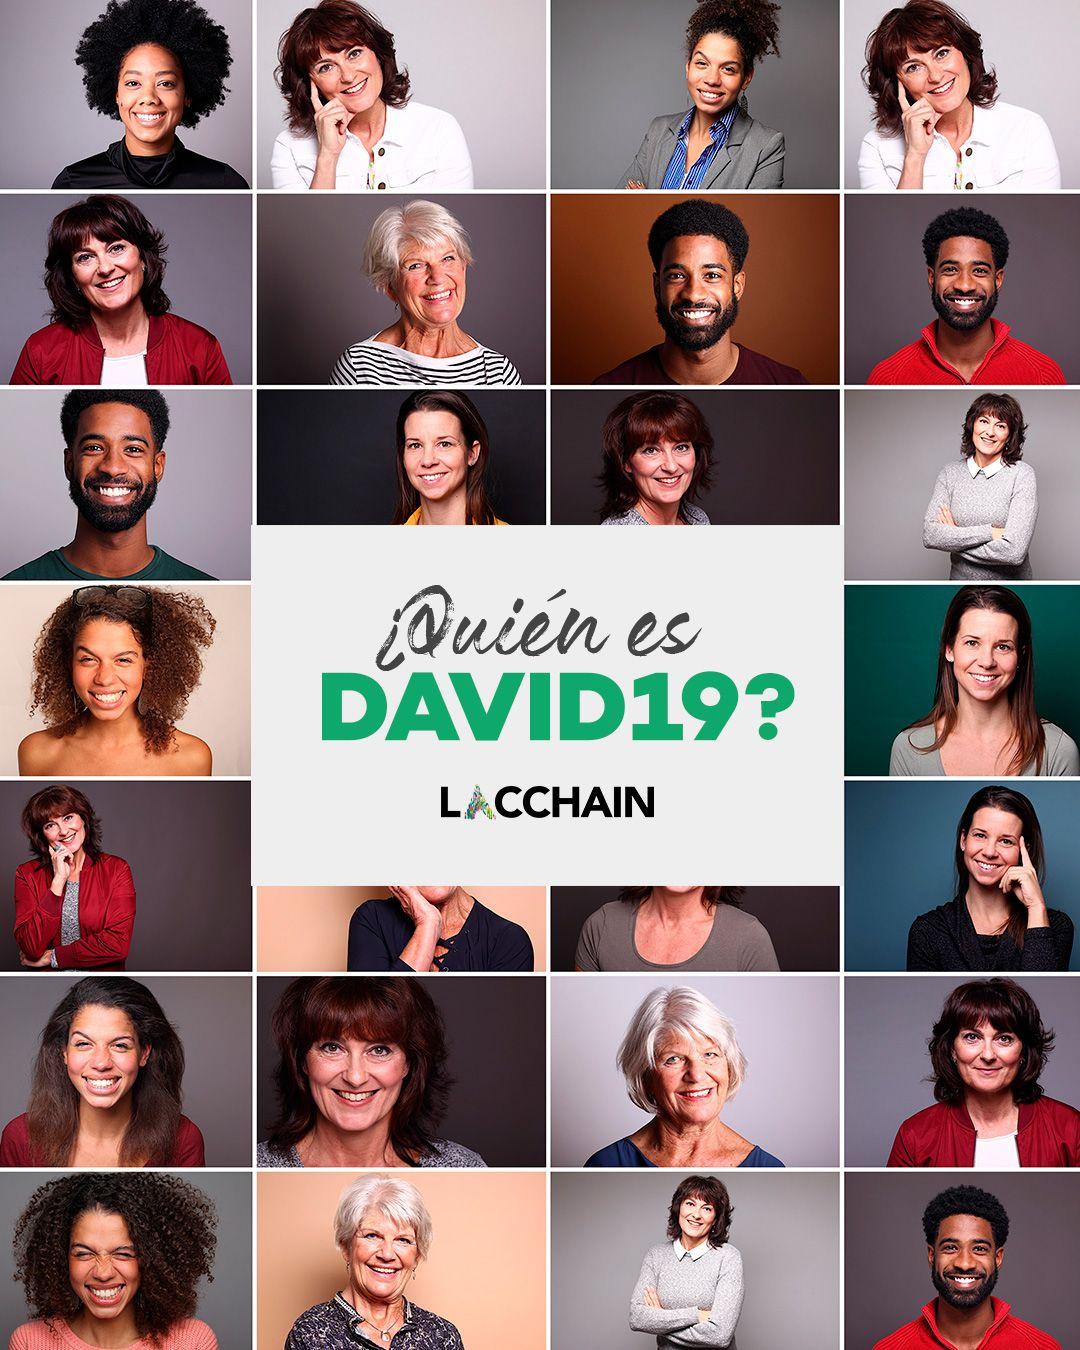 Nace DAVID19: una tecnología para sumar millones de héroes frente a la COVID-19 de manera anónima